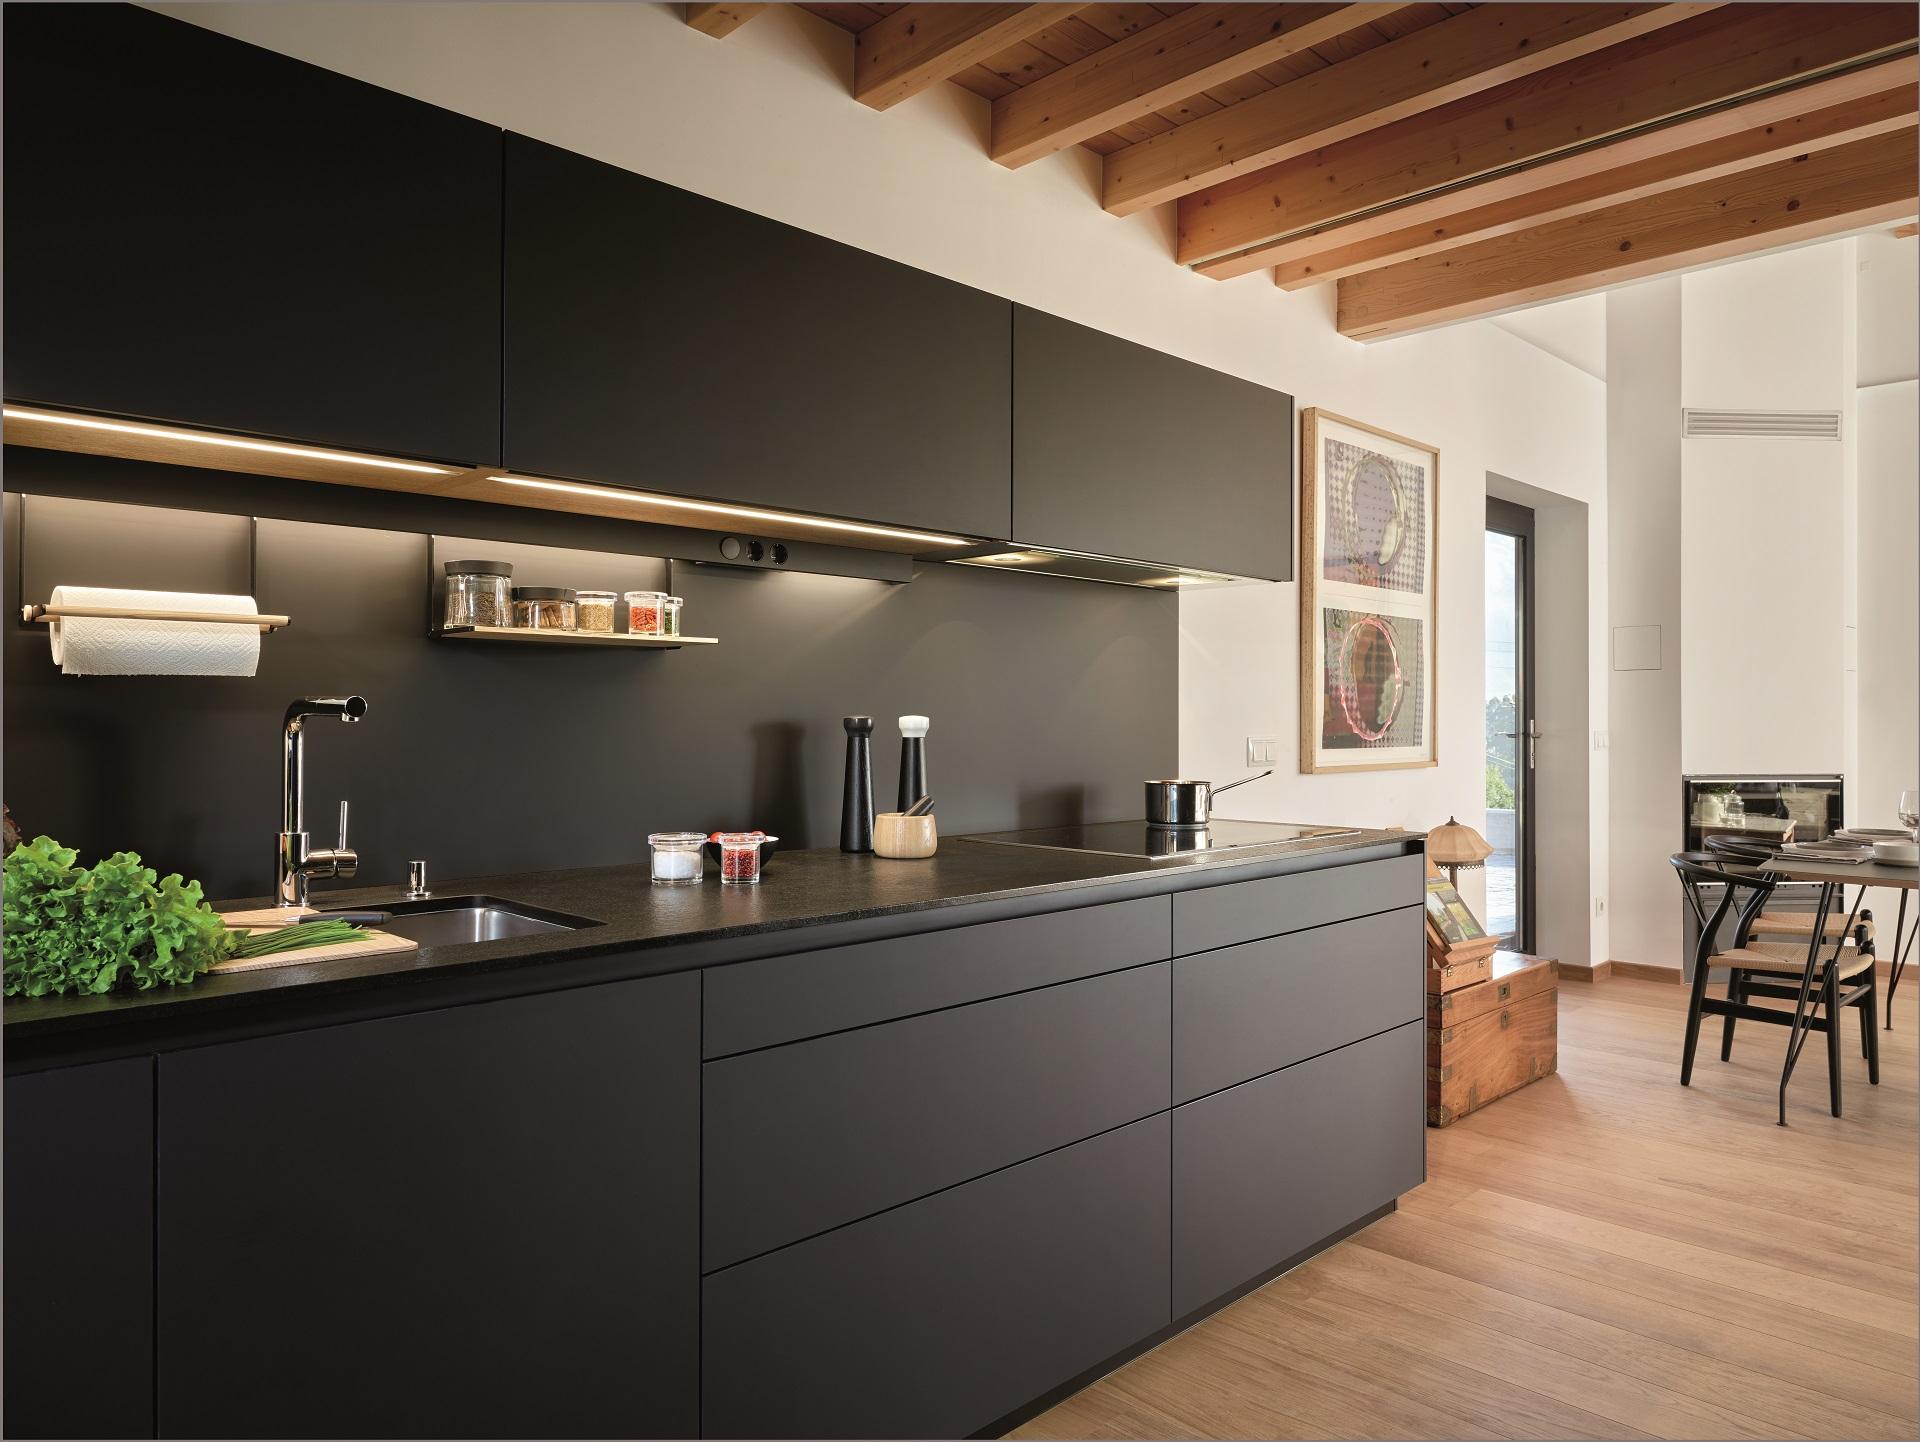 Mueble de cocina laminado LAH antihuella Santiago Interiores